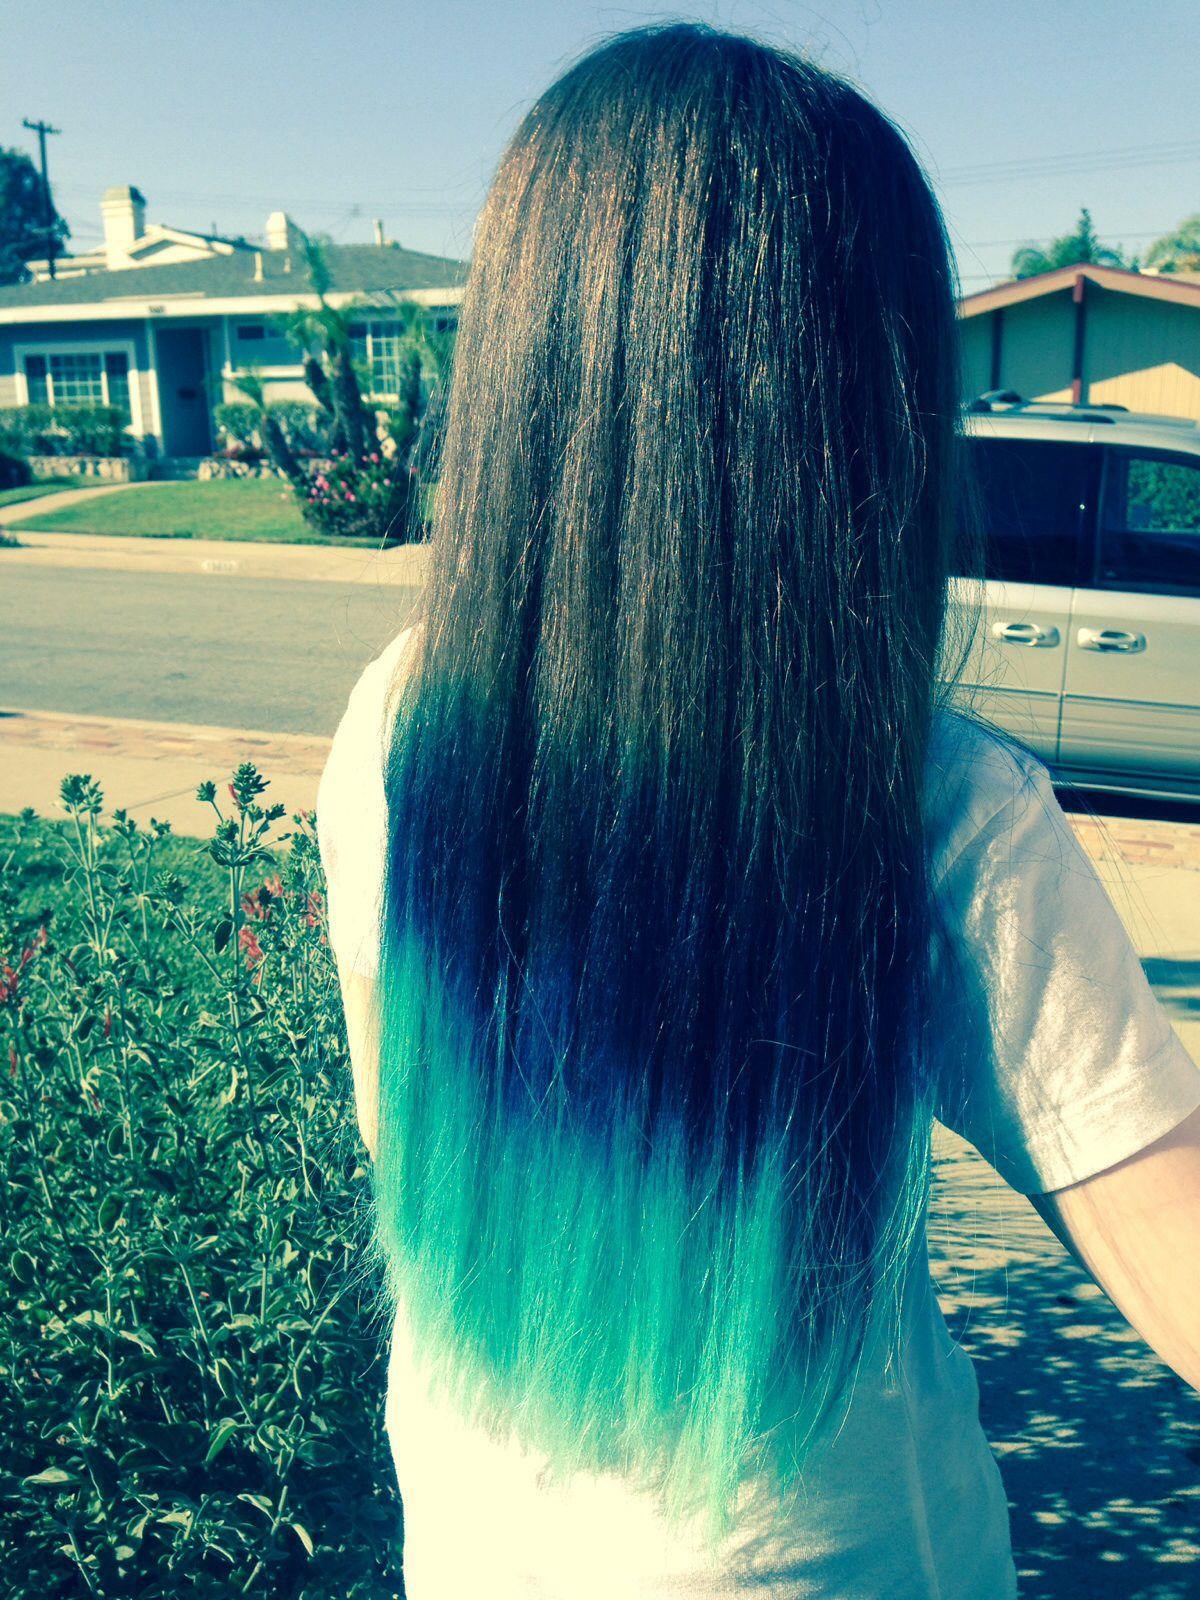 Blue hair ideas de inspiración pinterest blue hair and hair style